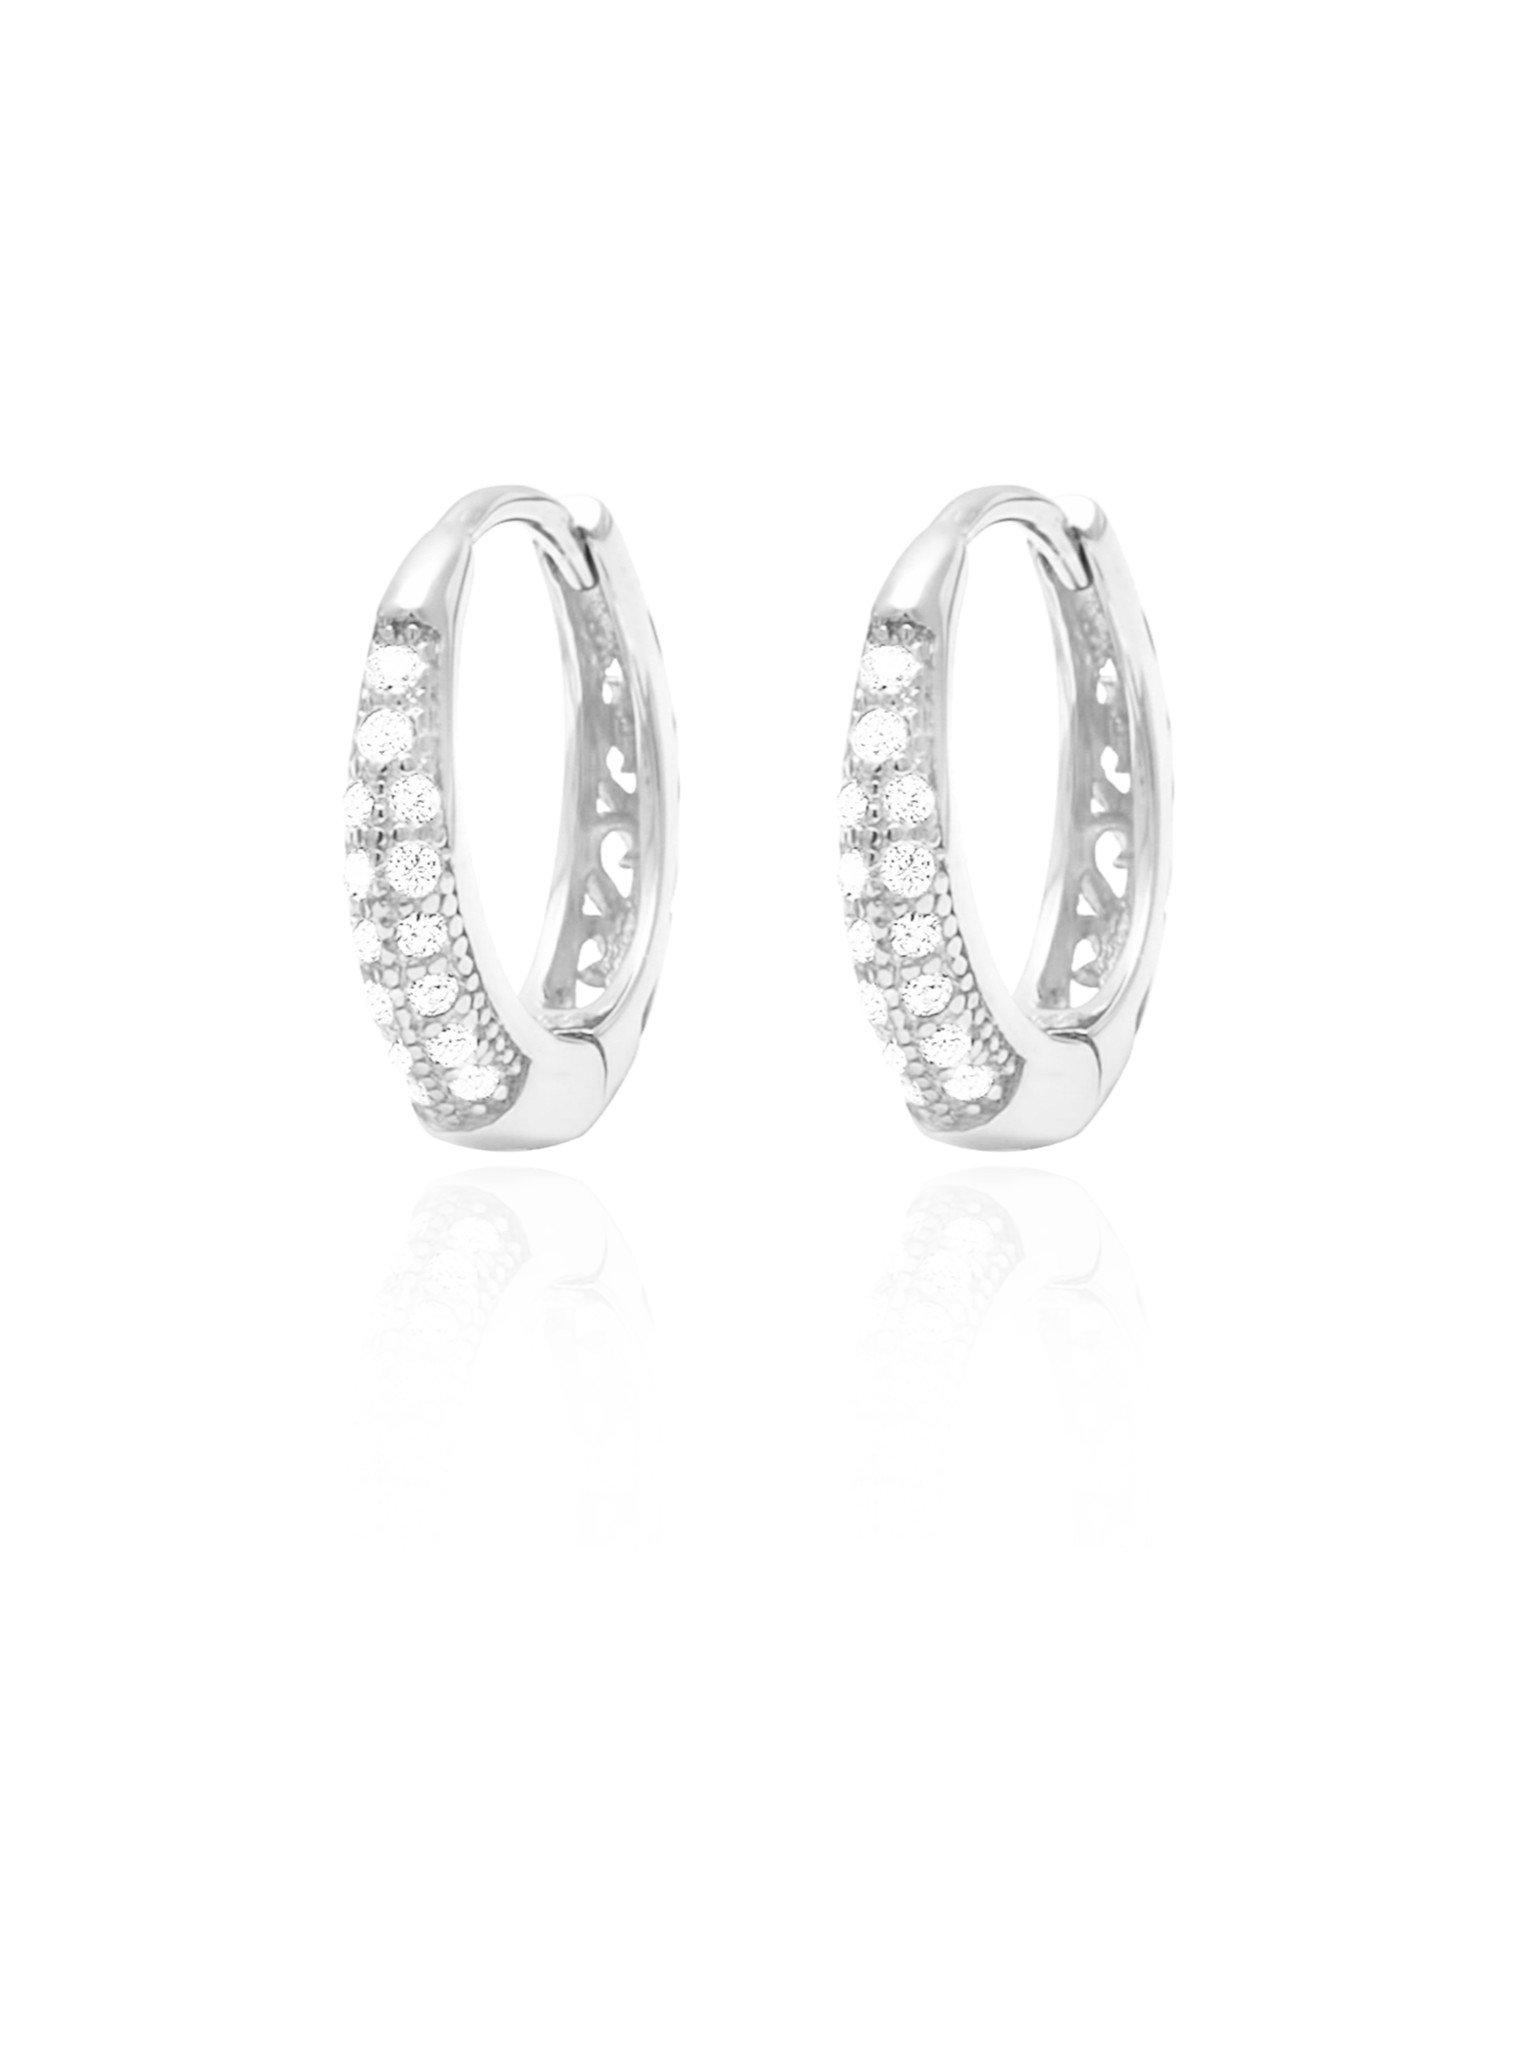 Gigi Huggie Cz Hoop Earrings in Sterling Silver